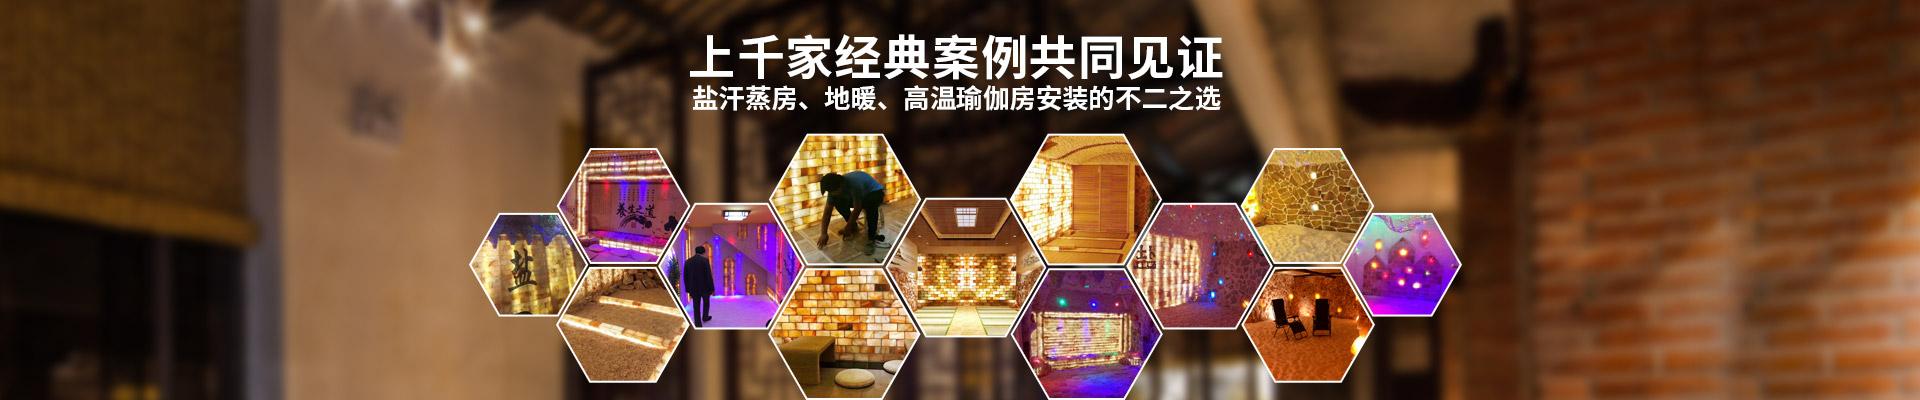 荣燊——盐汗蒸房、地暖、高温瑜伽房安装的不二之选